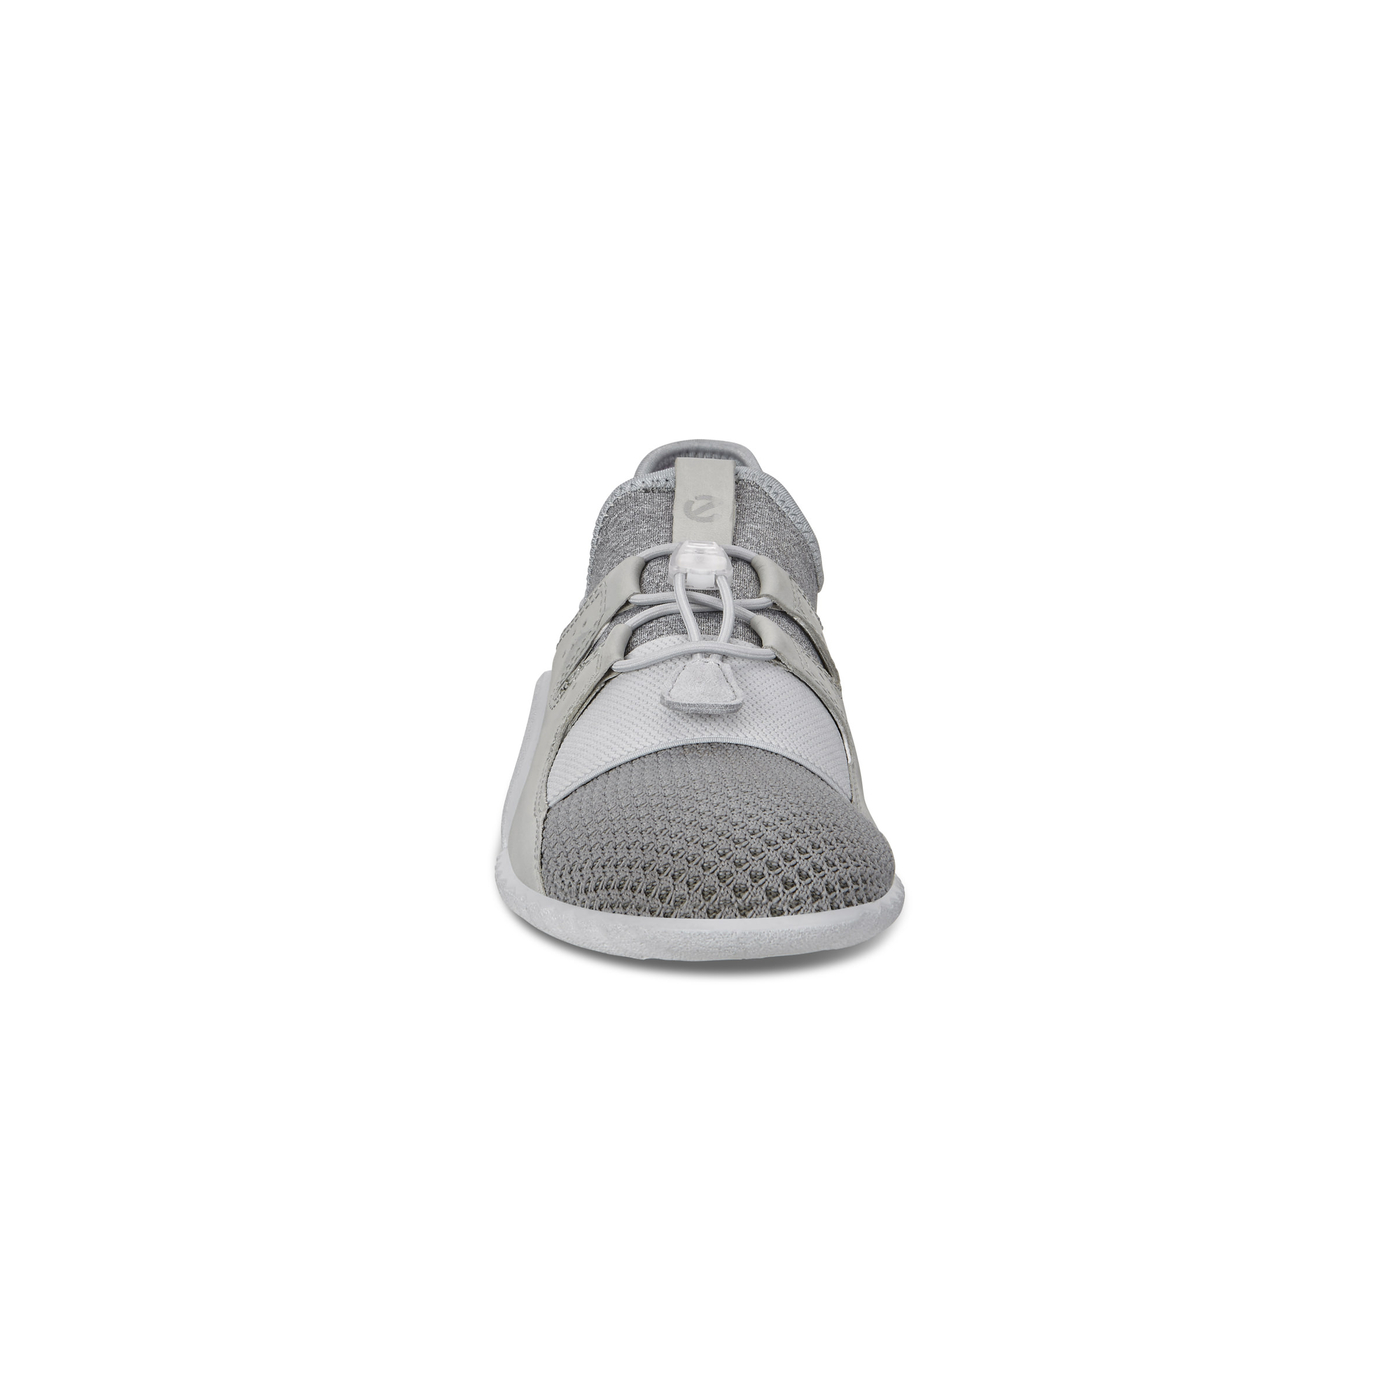 ECCO VIBRATION1 Womens Sneaker Toggle